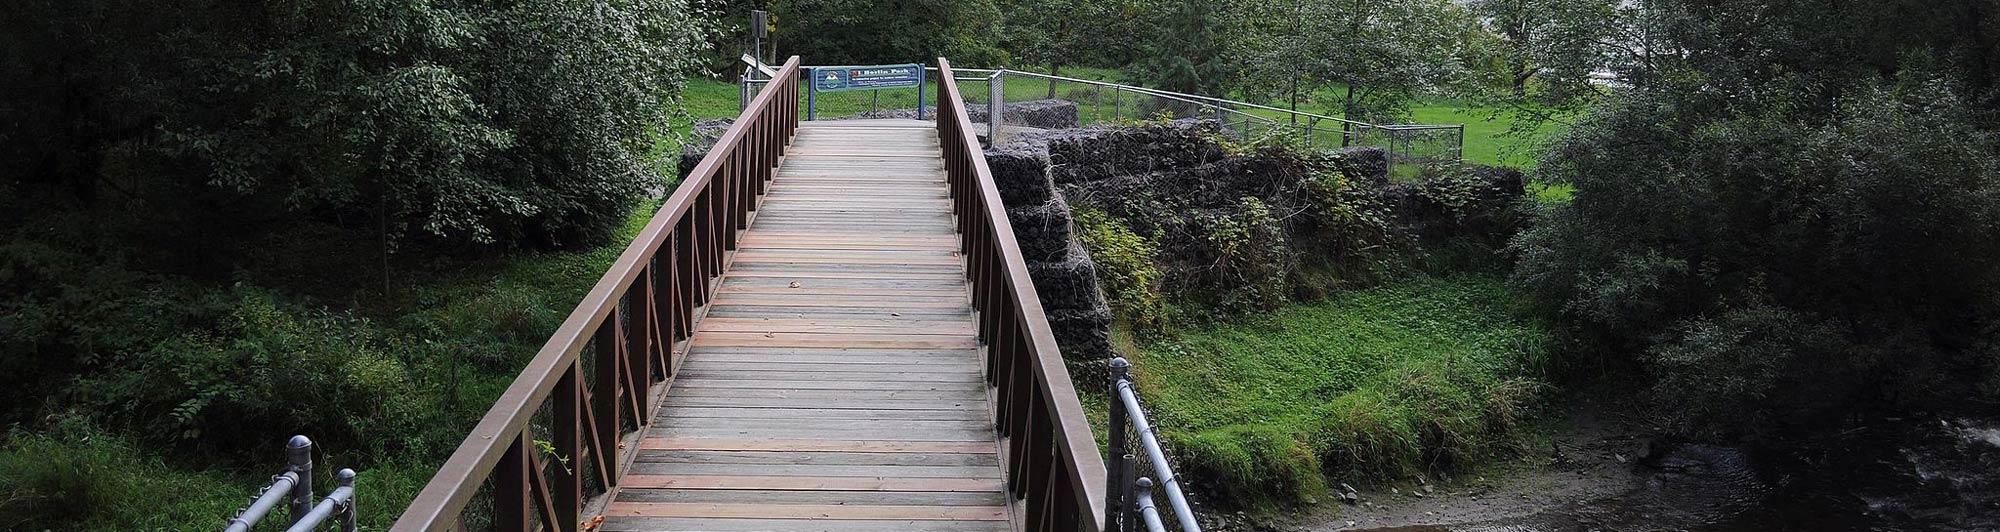 Bridge in Monroe